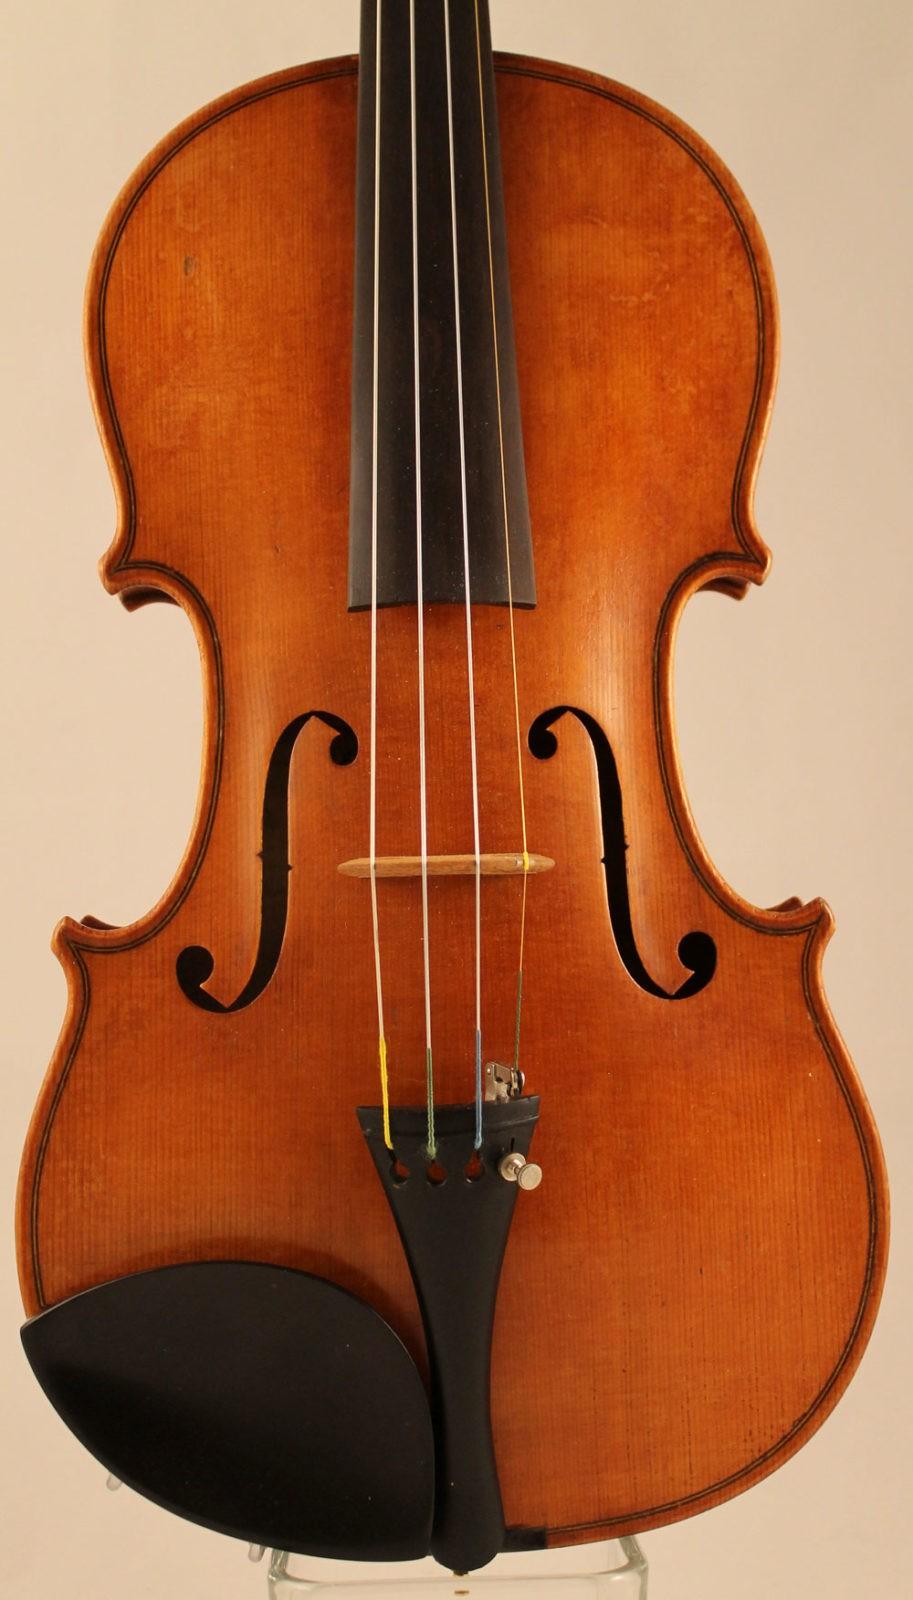 Eugene Langonet violin - top